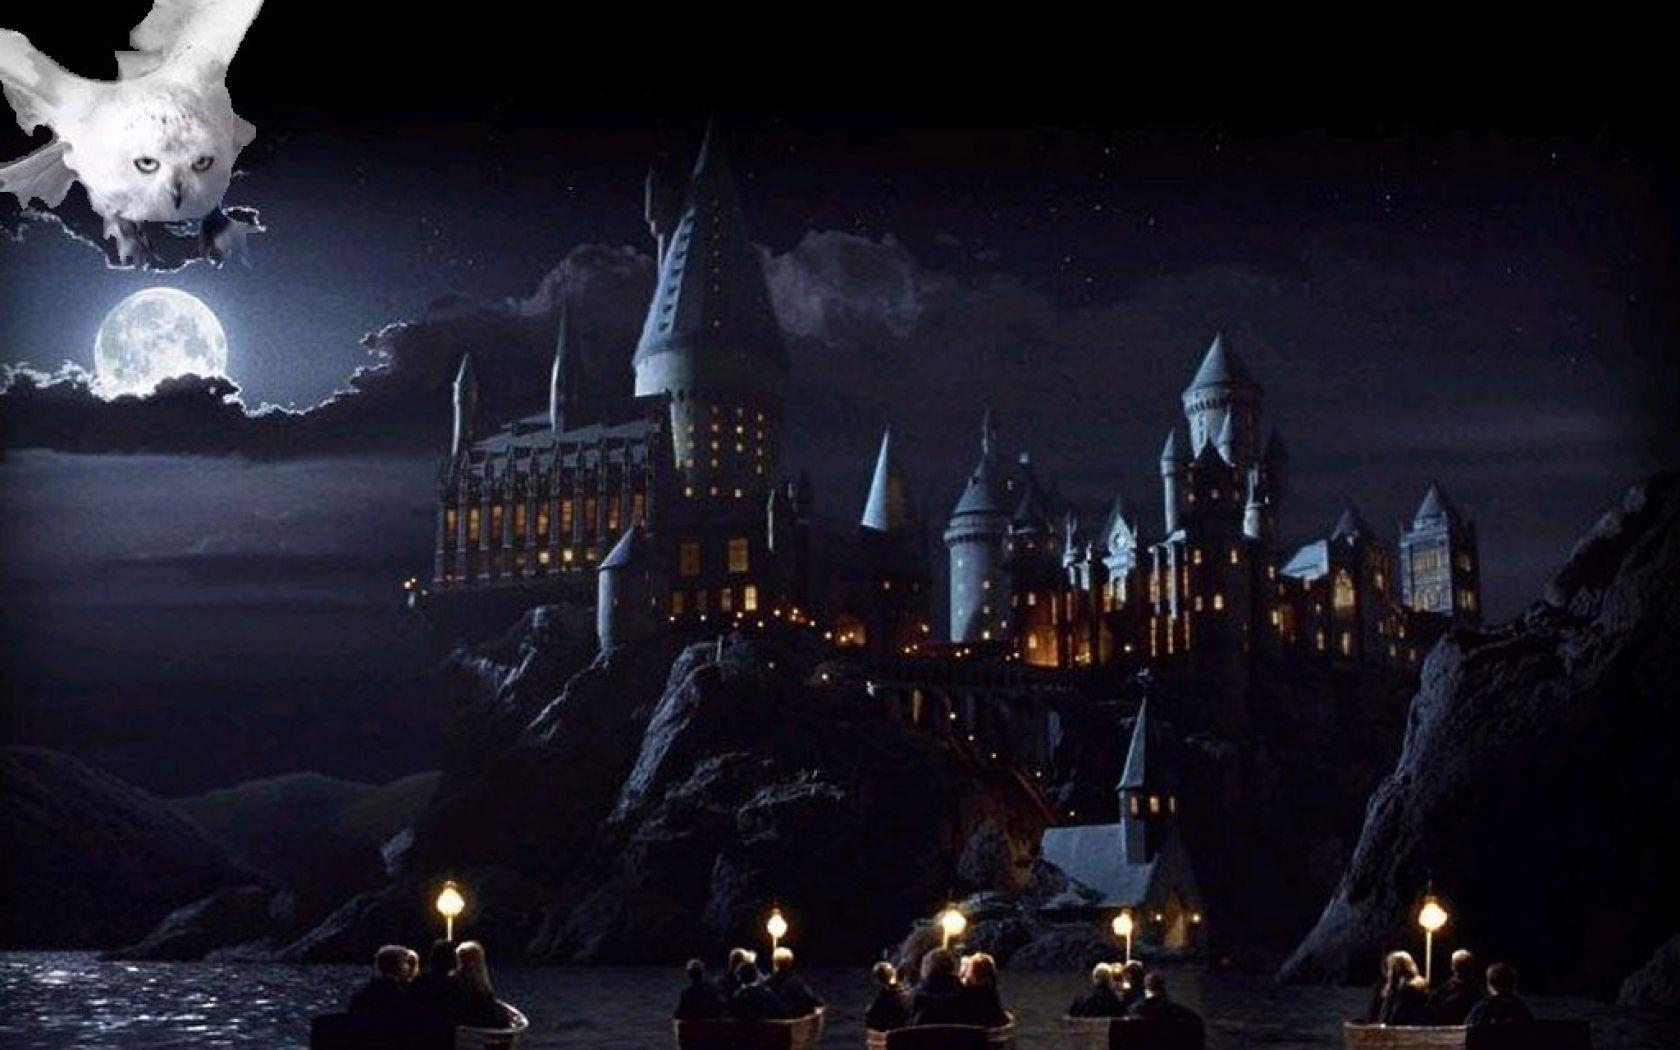 Hd Desktop Backgrounds 1680x1050: WallpapersWide K Ultra HD Harry Potter Wallpapers HD